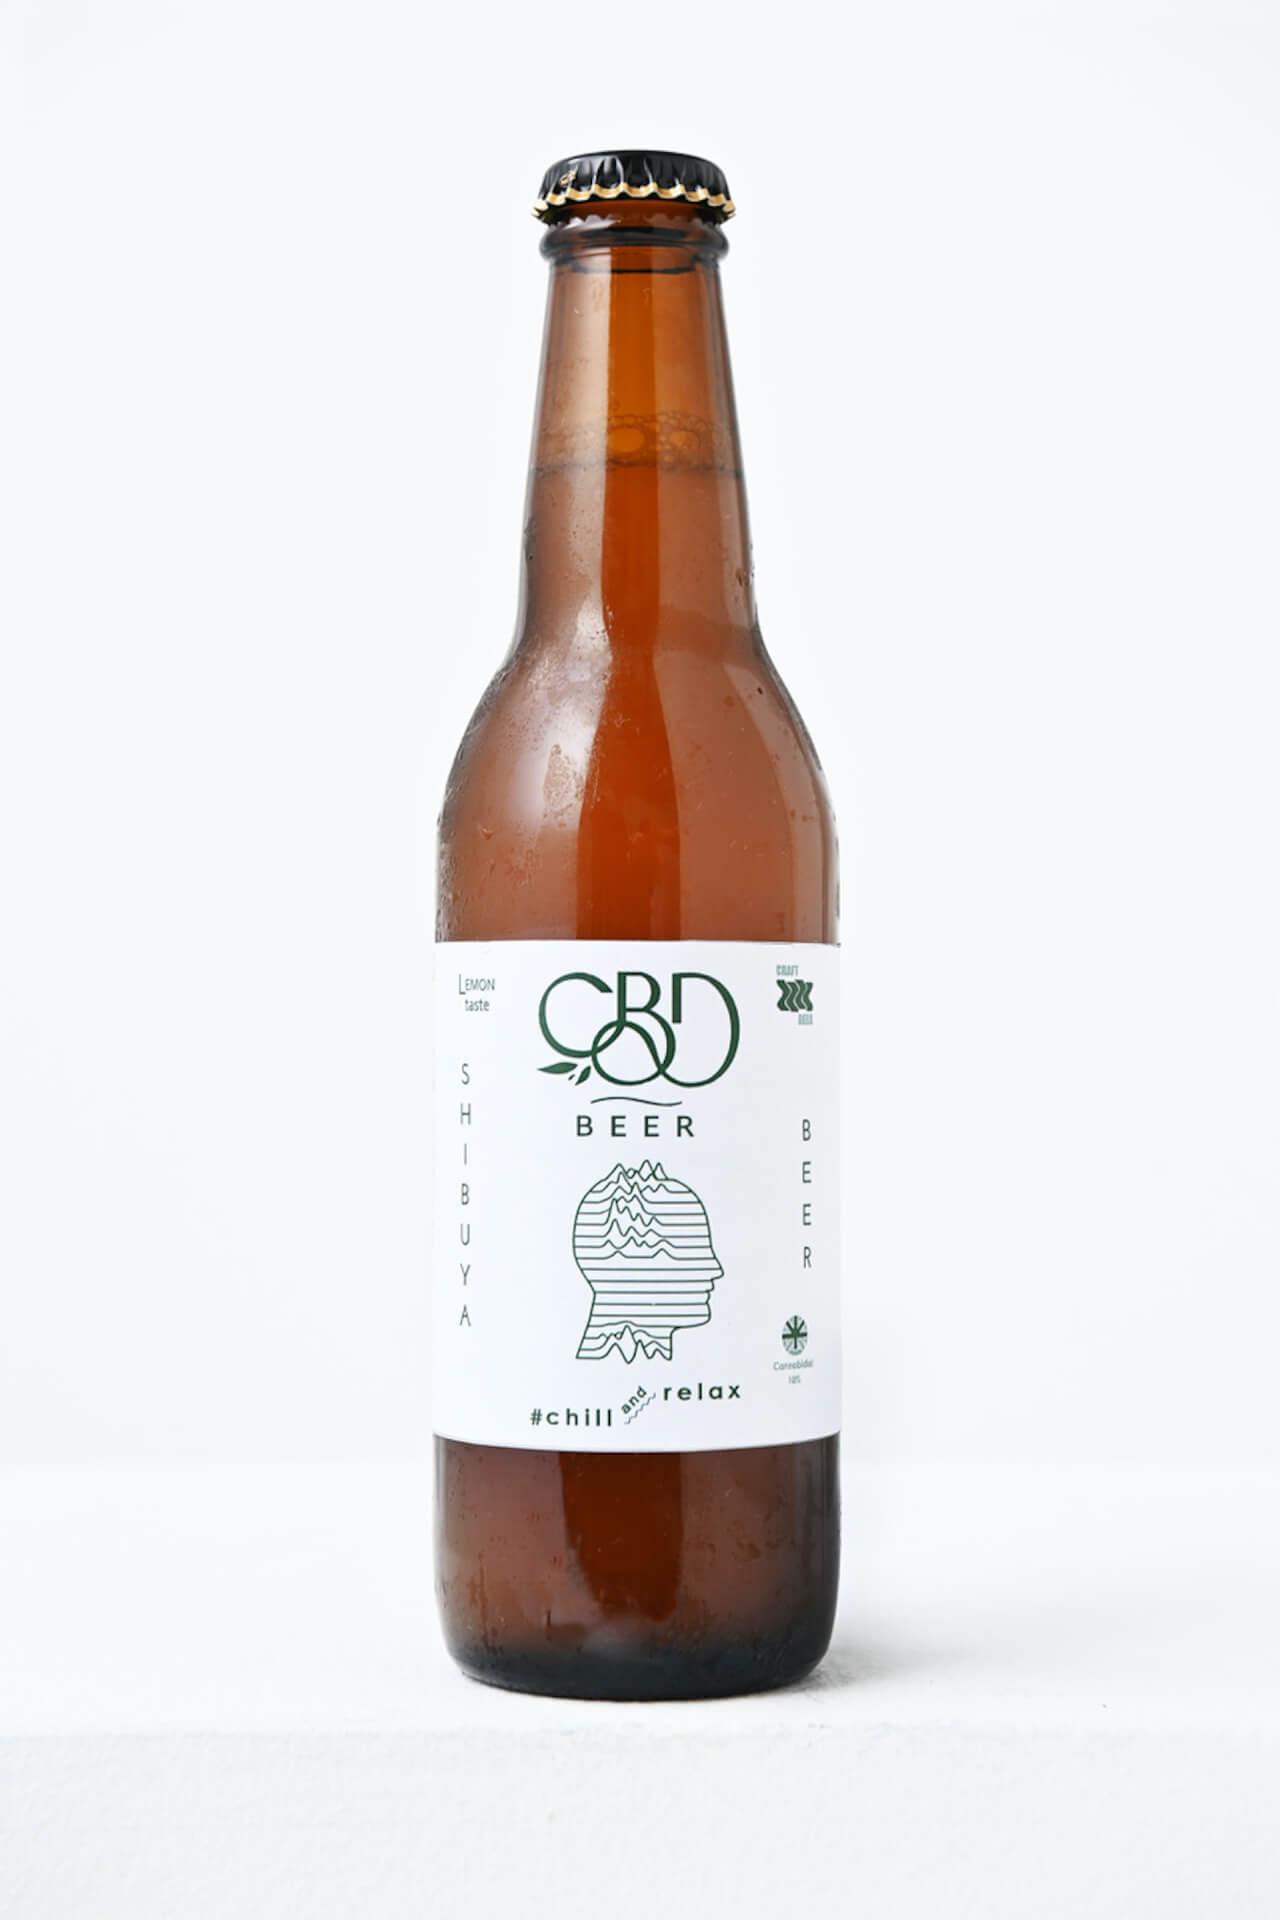 注目のリラックスアイテム「CBD」を配合したメンタルエナジービール『CBD Beer #chill&relax』が待望の再発売! culture_210702_CBDbeer2